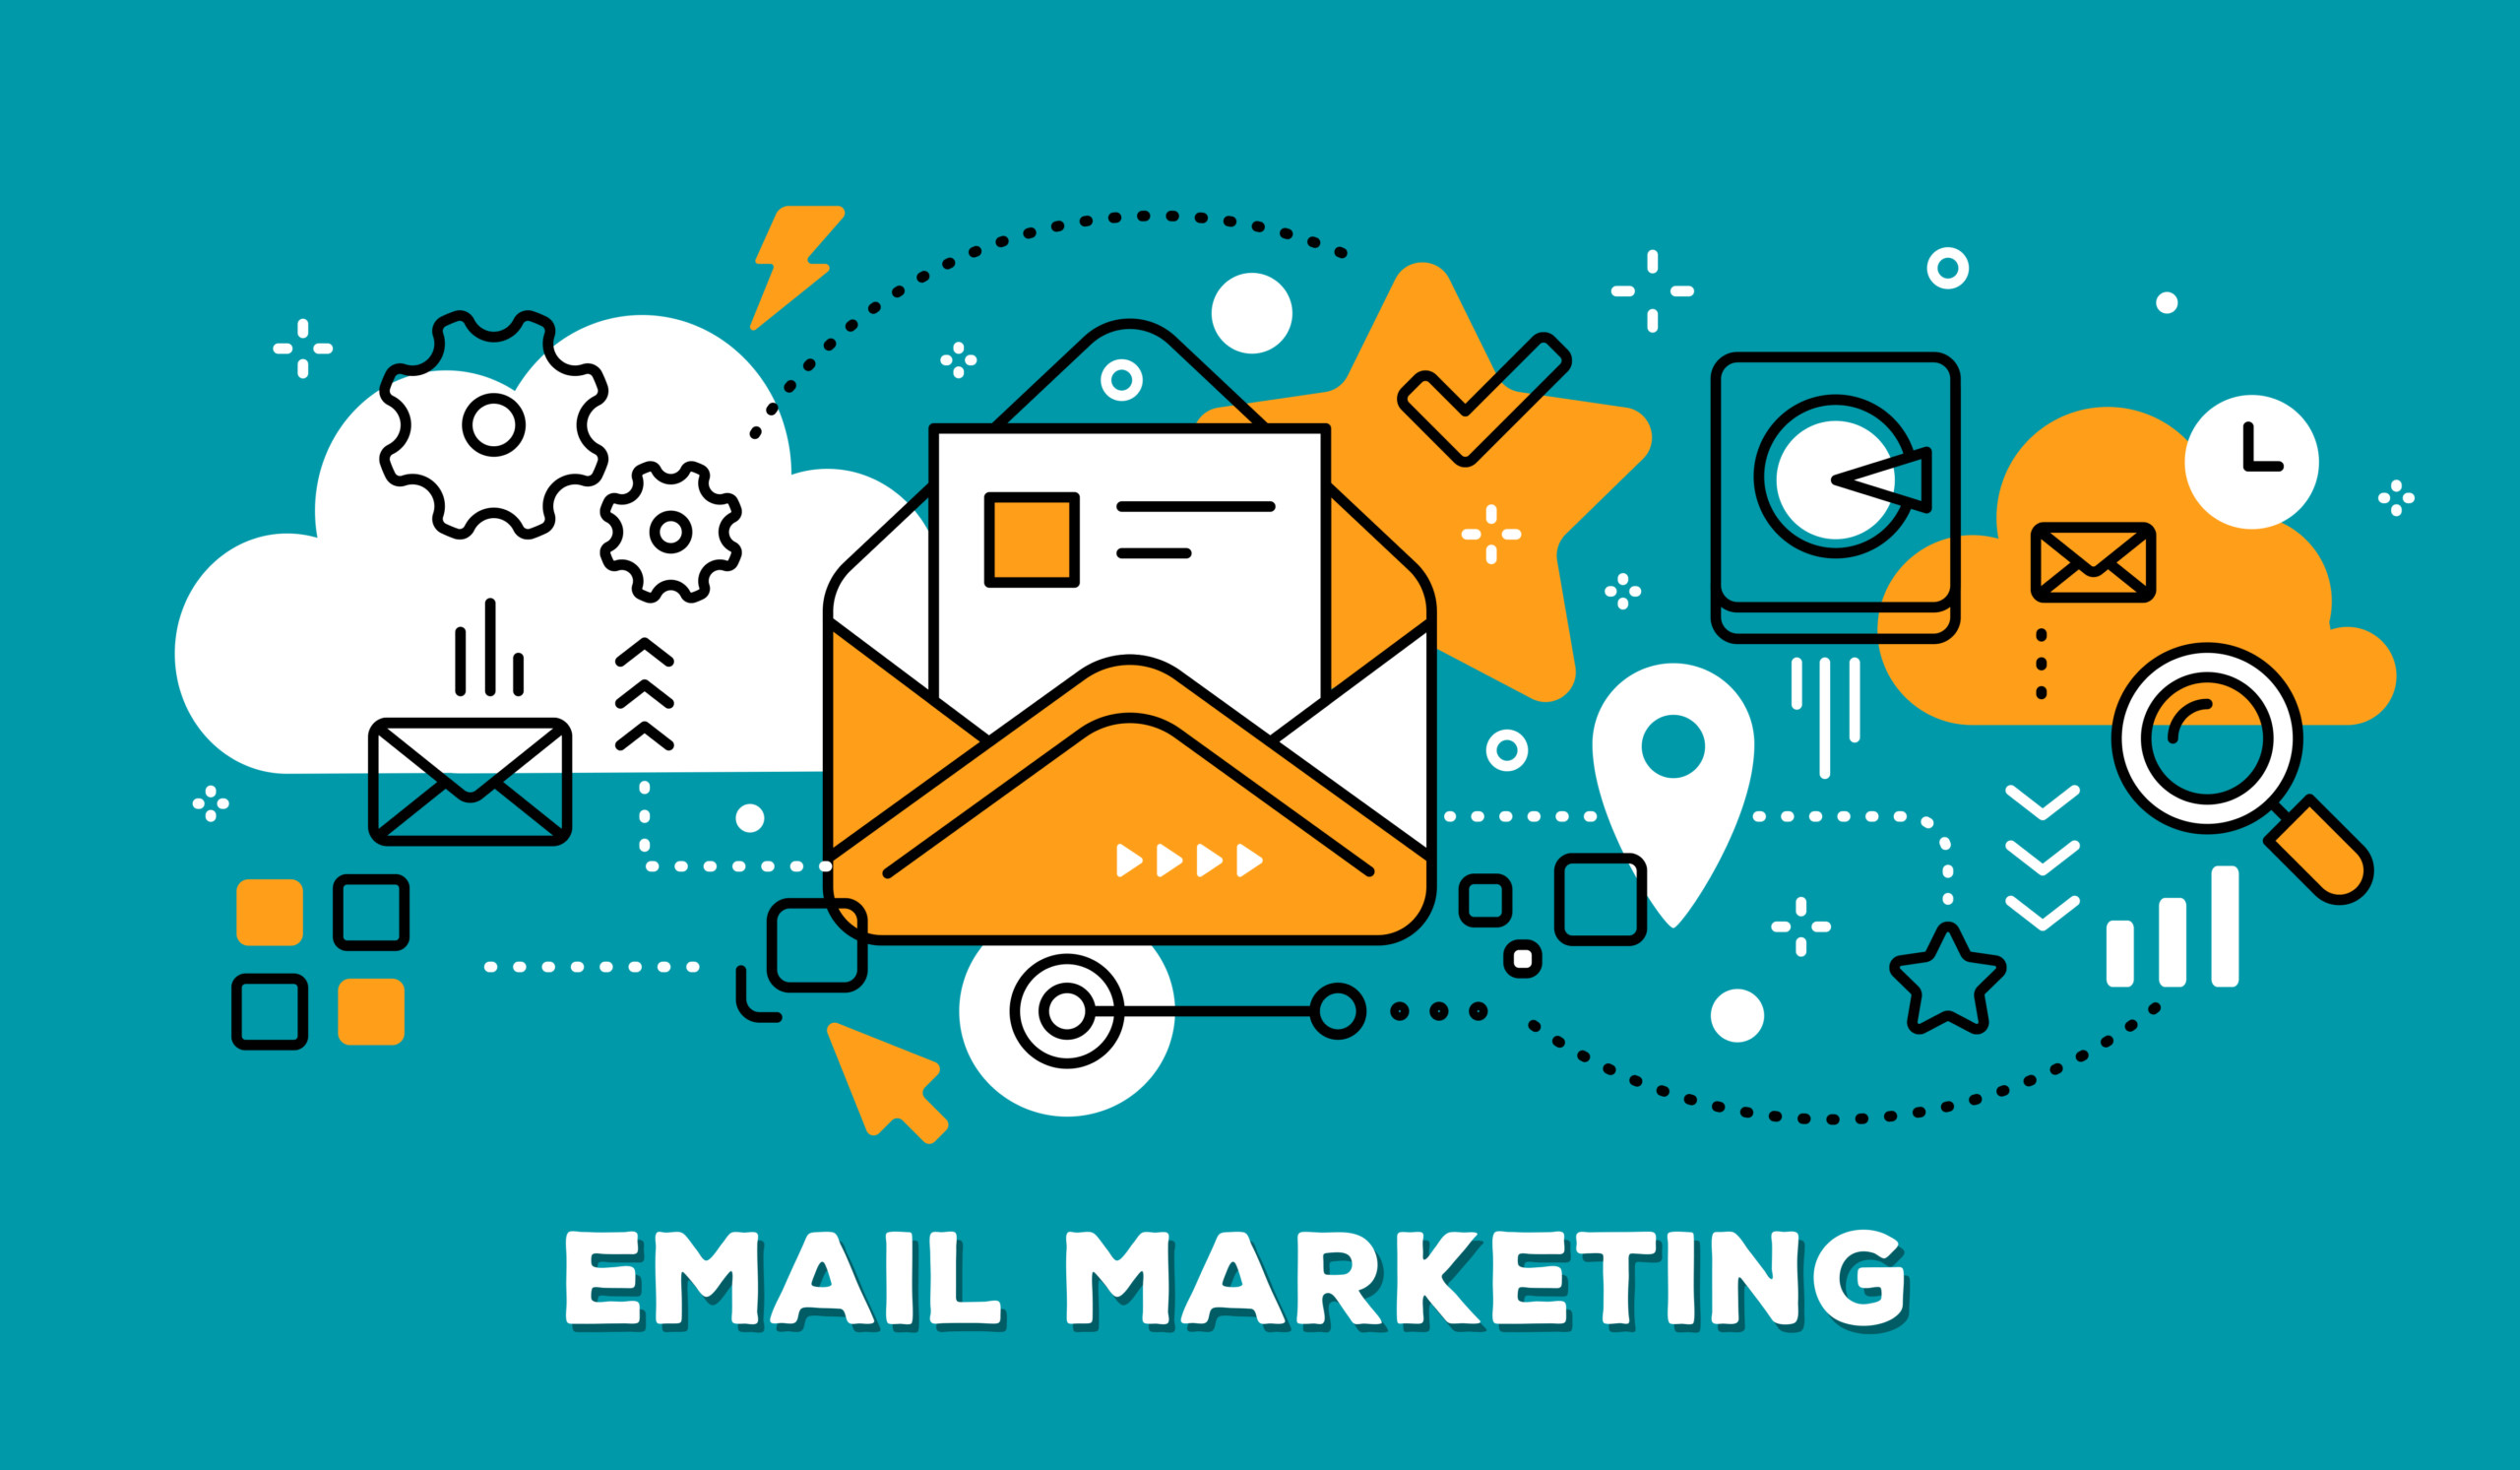 Hướng dẫn import danh sách trên email marketing